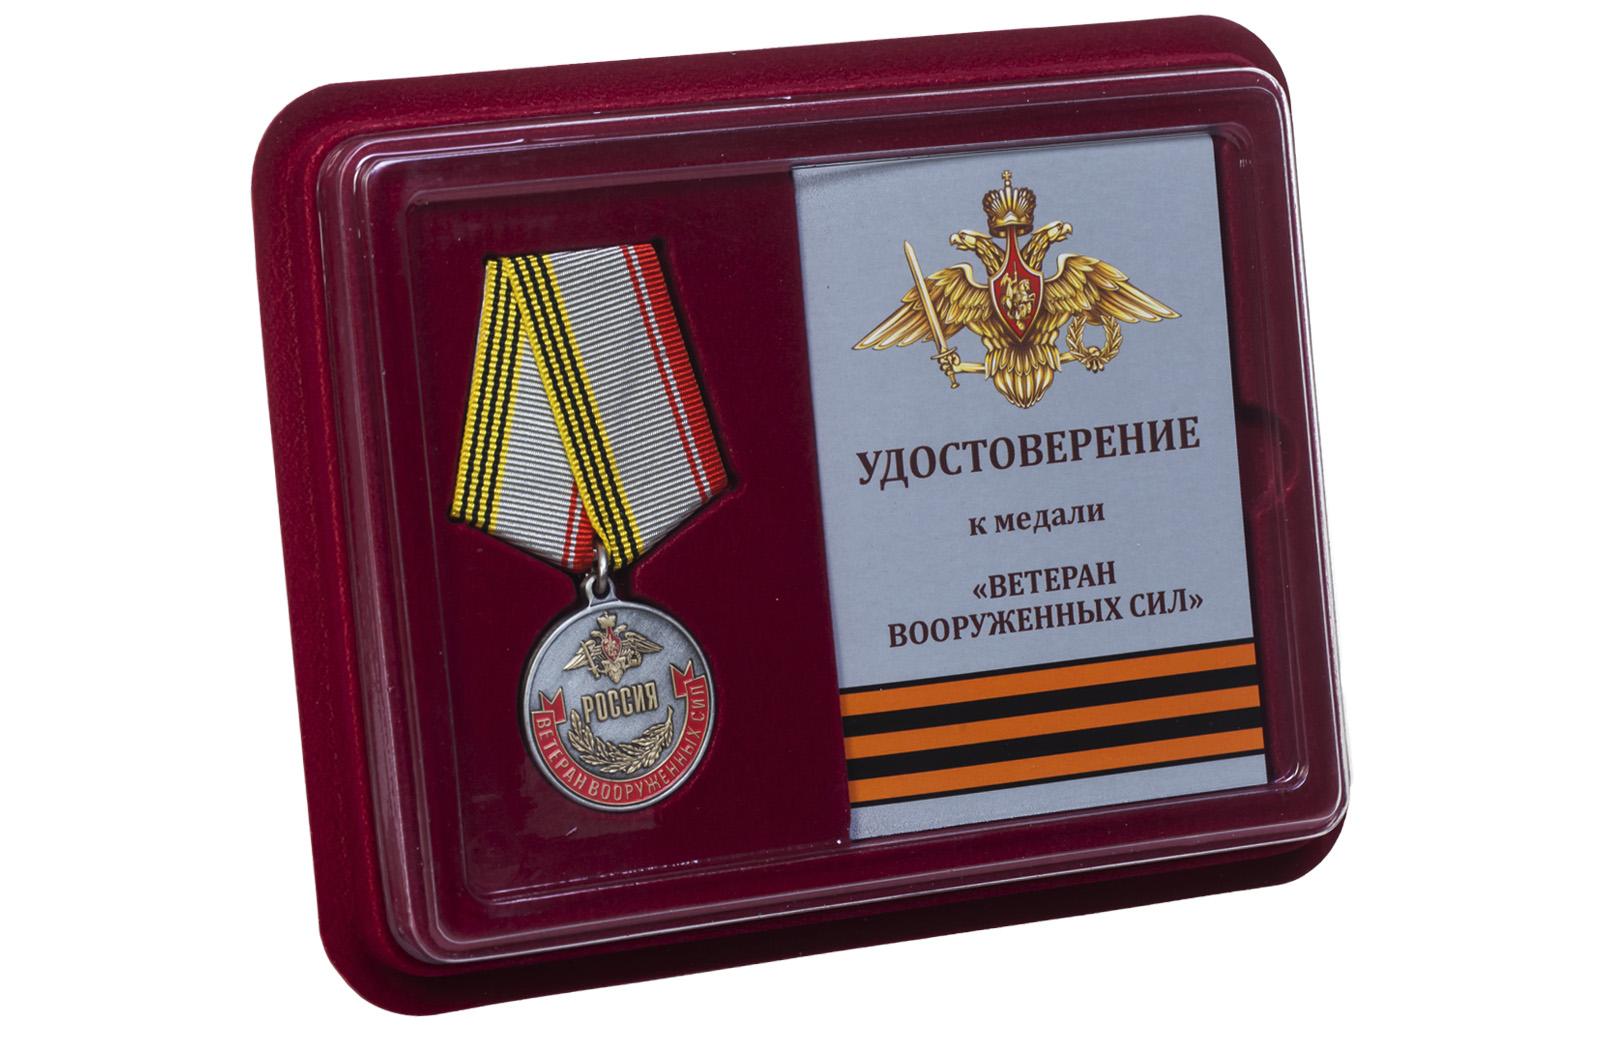 Купить медаль Ветеран Вооруженных сил России оптом или в розницу